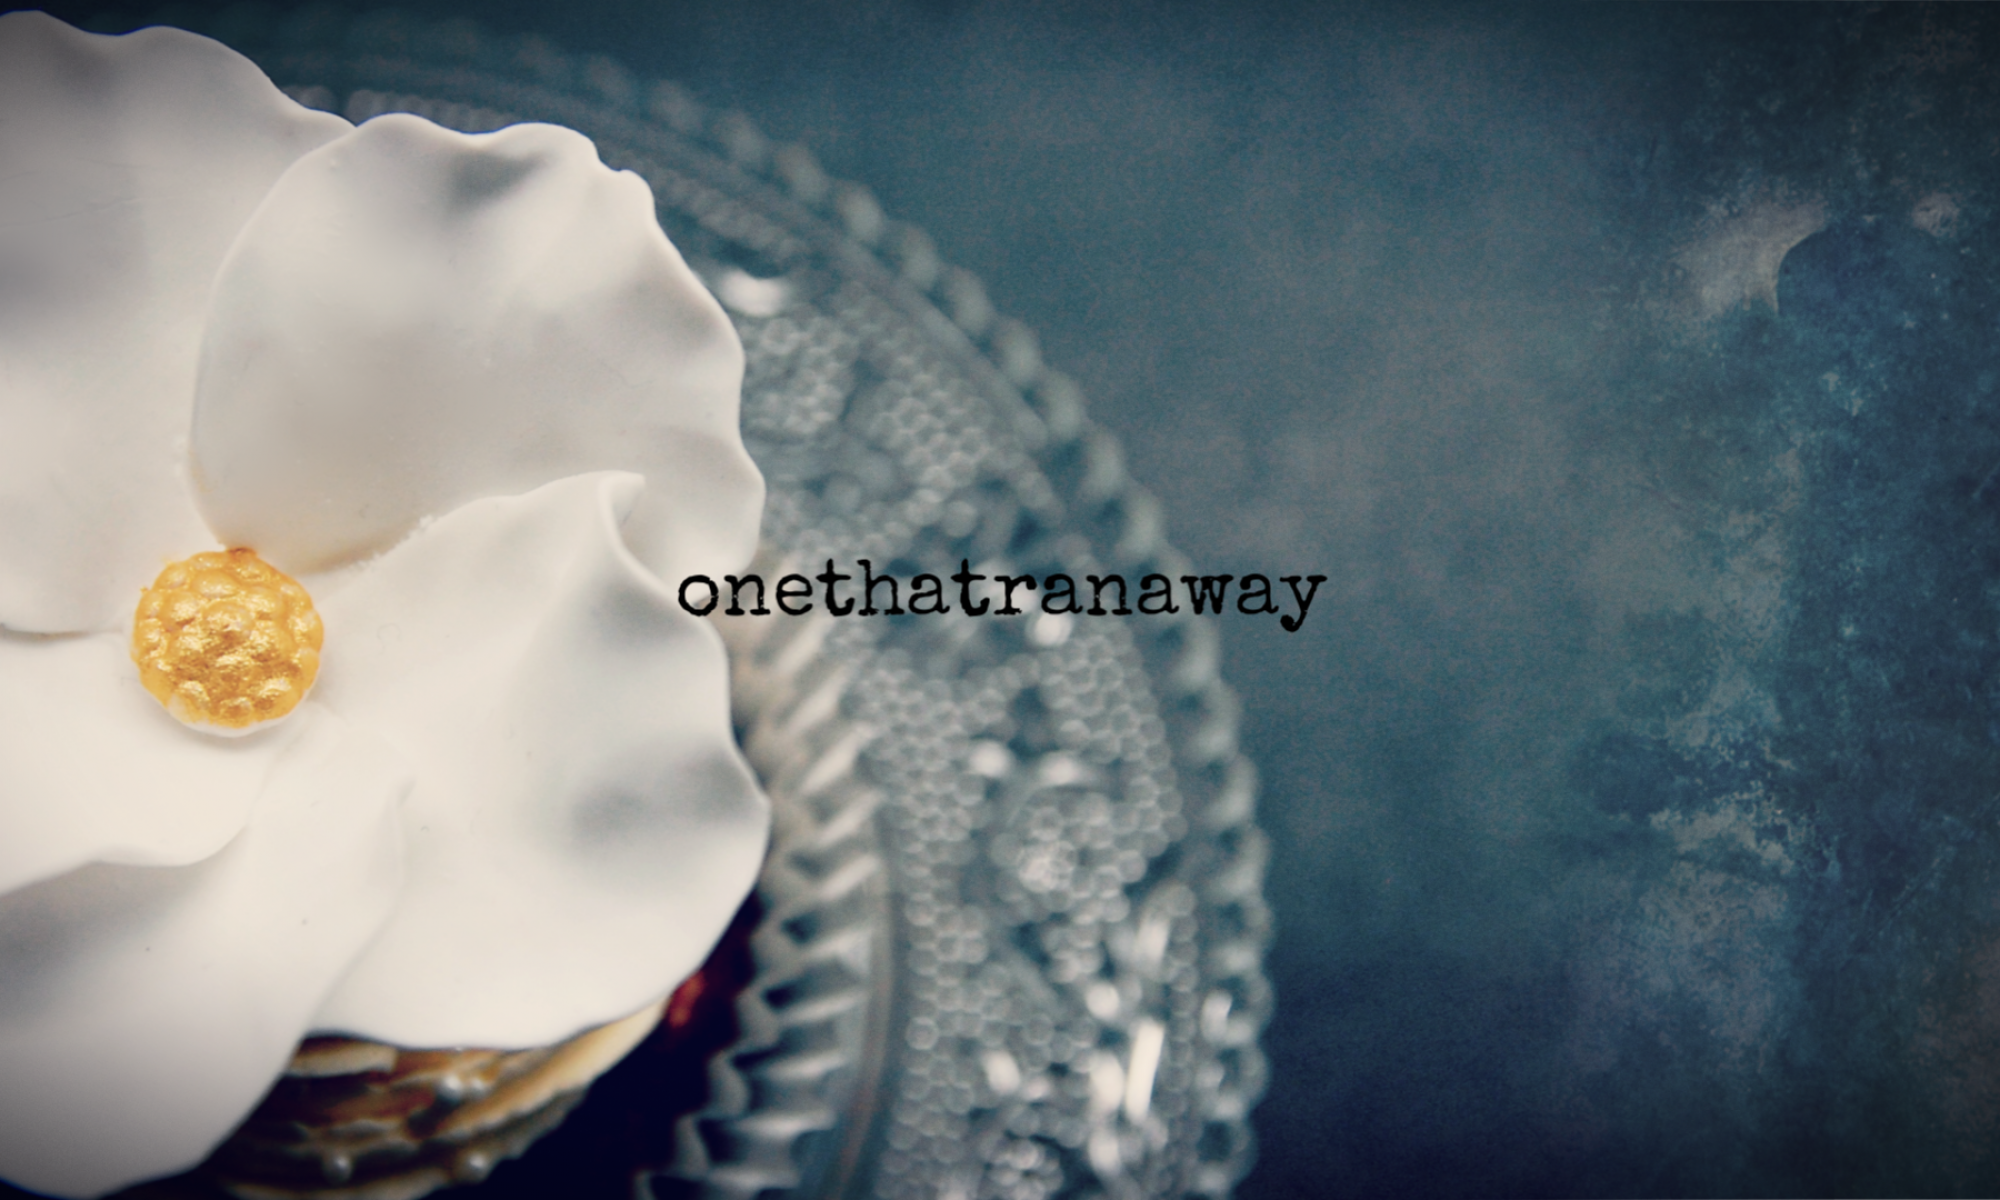 onethatranaway